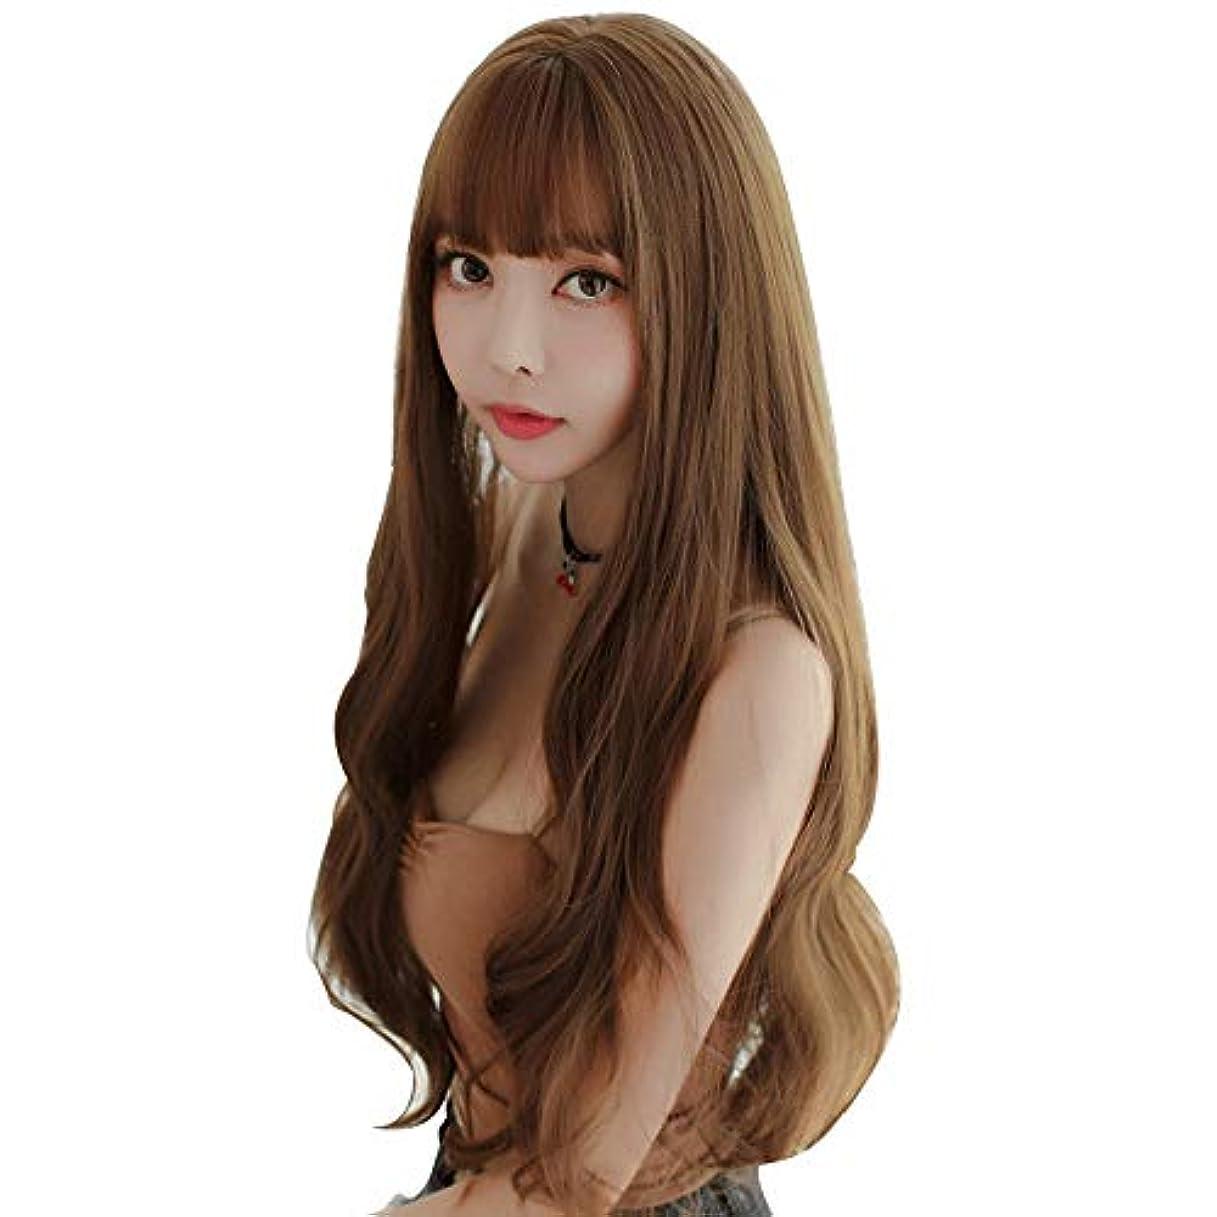 抽象化突き刺すレディSRY-Wigファッション ウィッグロングヘアファッションブラウン高密度温度合成ウィッグ女性シームレスウェーブロールプレイングヘアウィッグ